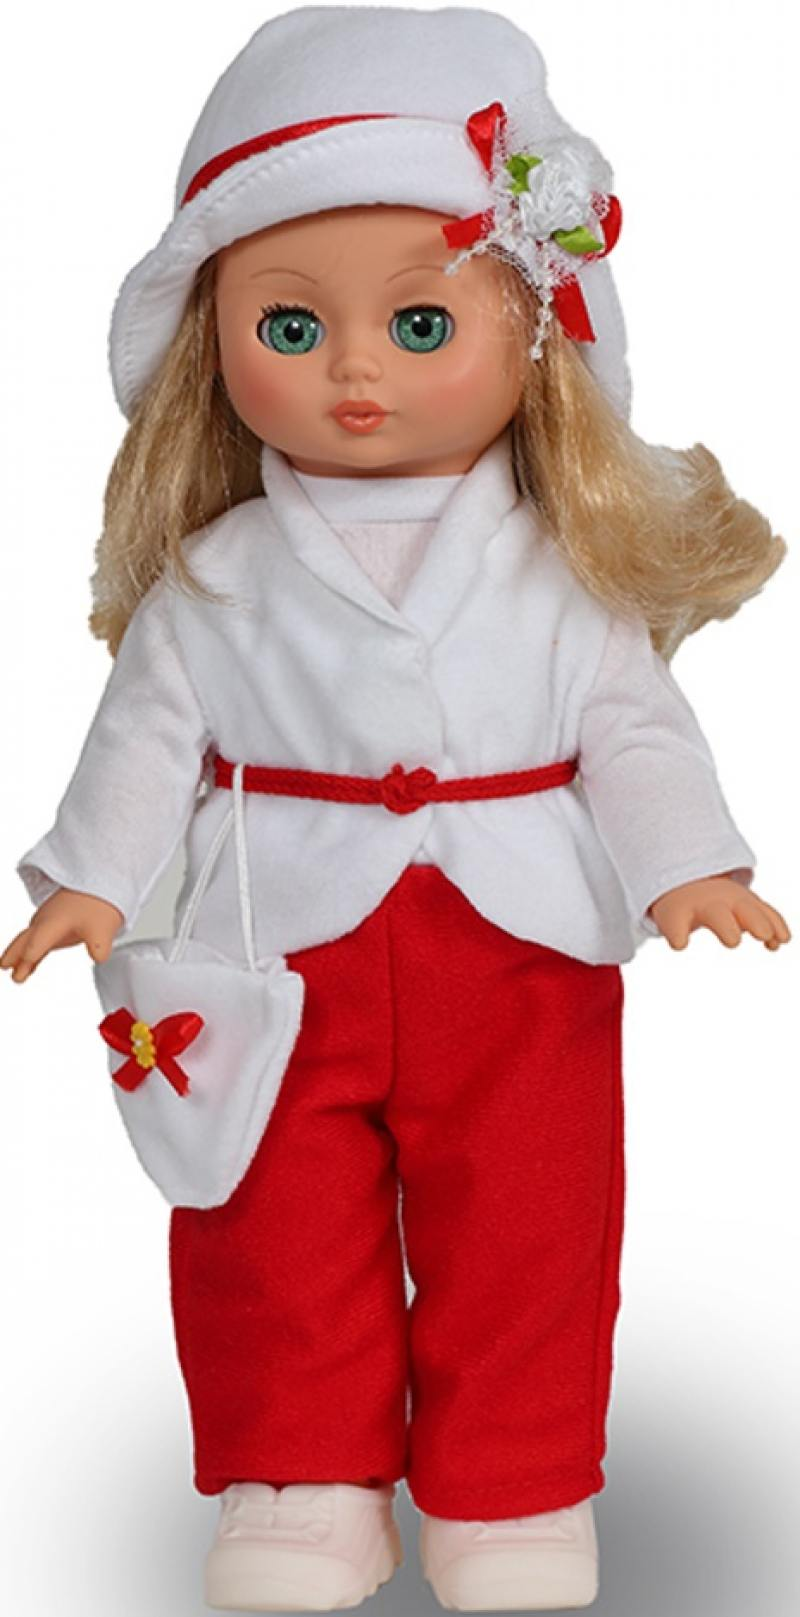 Кукла ВЕСНА Жанна 6 (озвученная) В324/о кукла весна наталья 7 озвученная в645 о